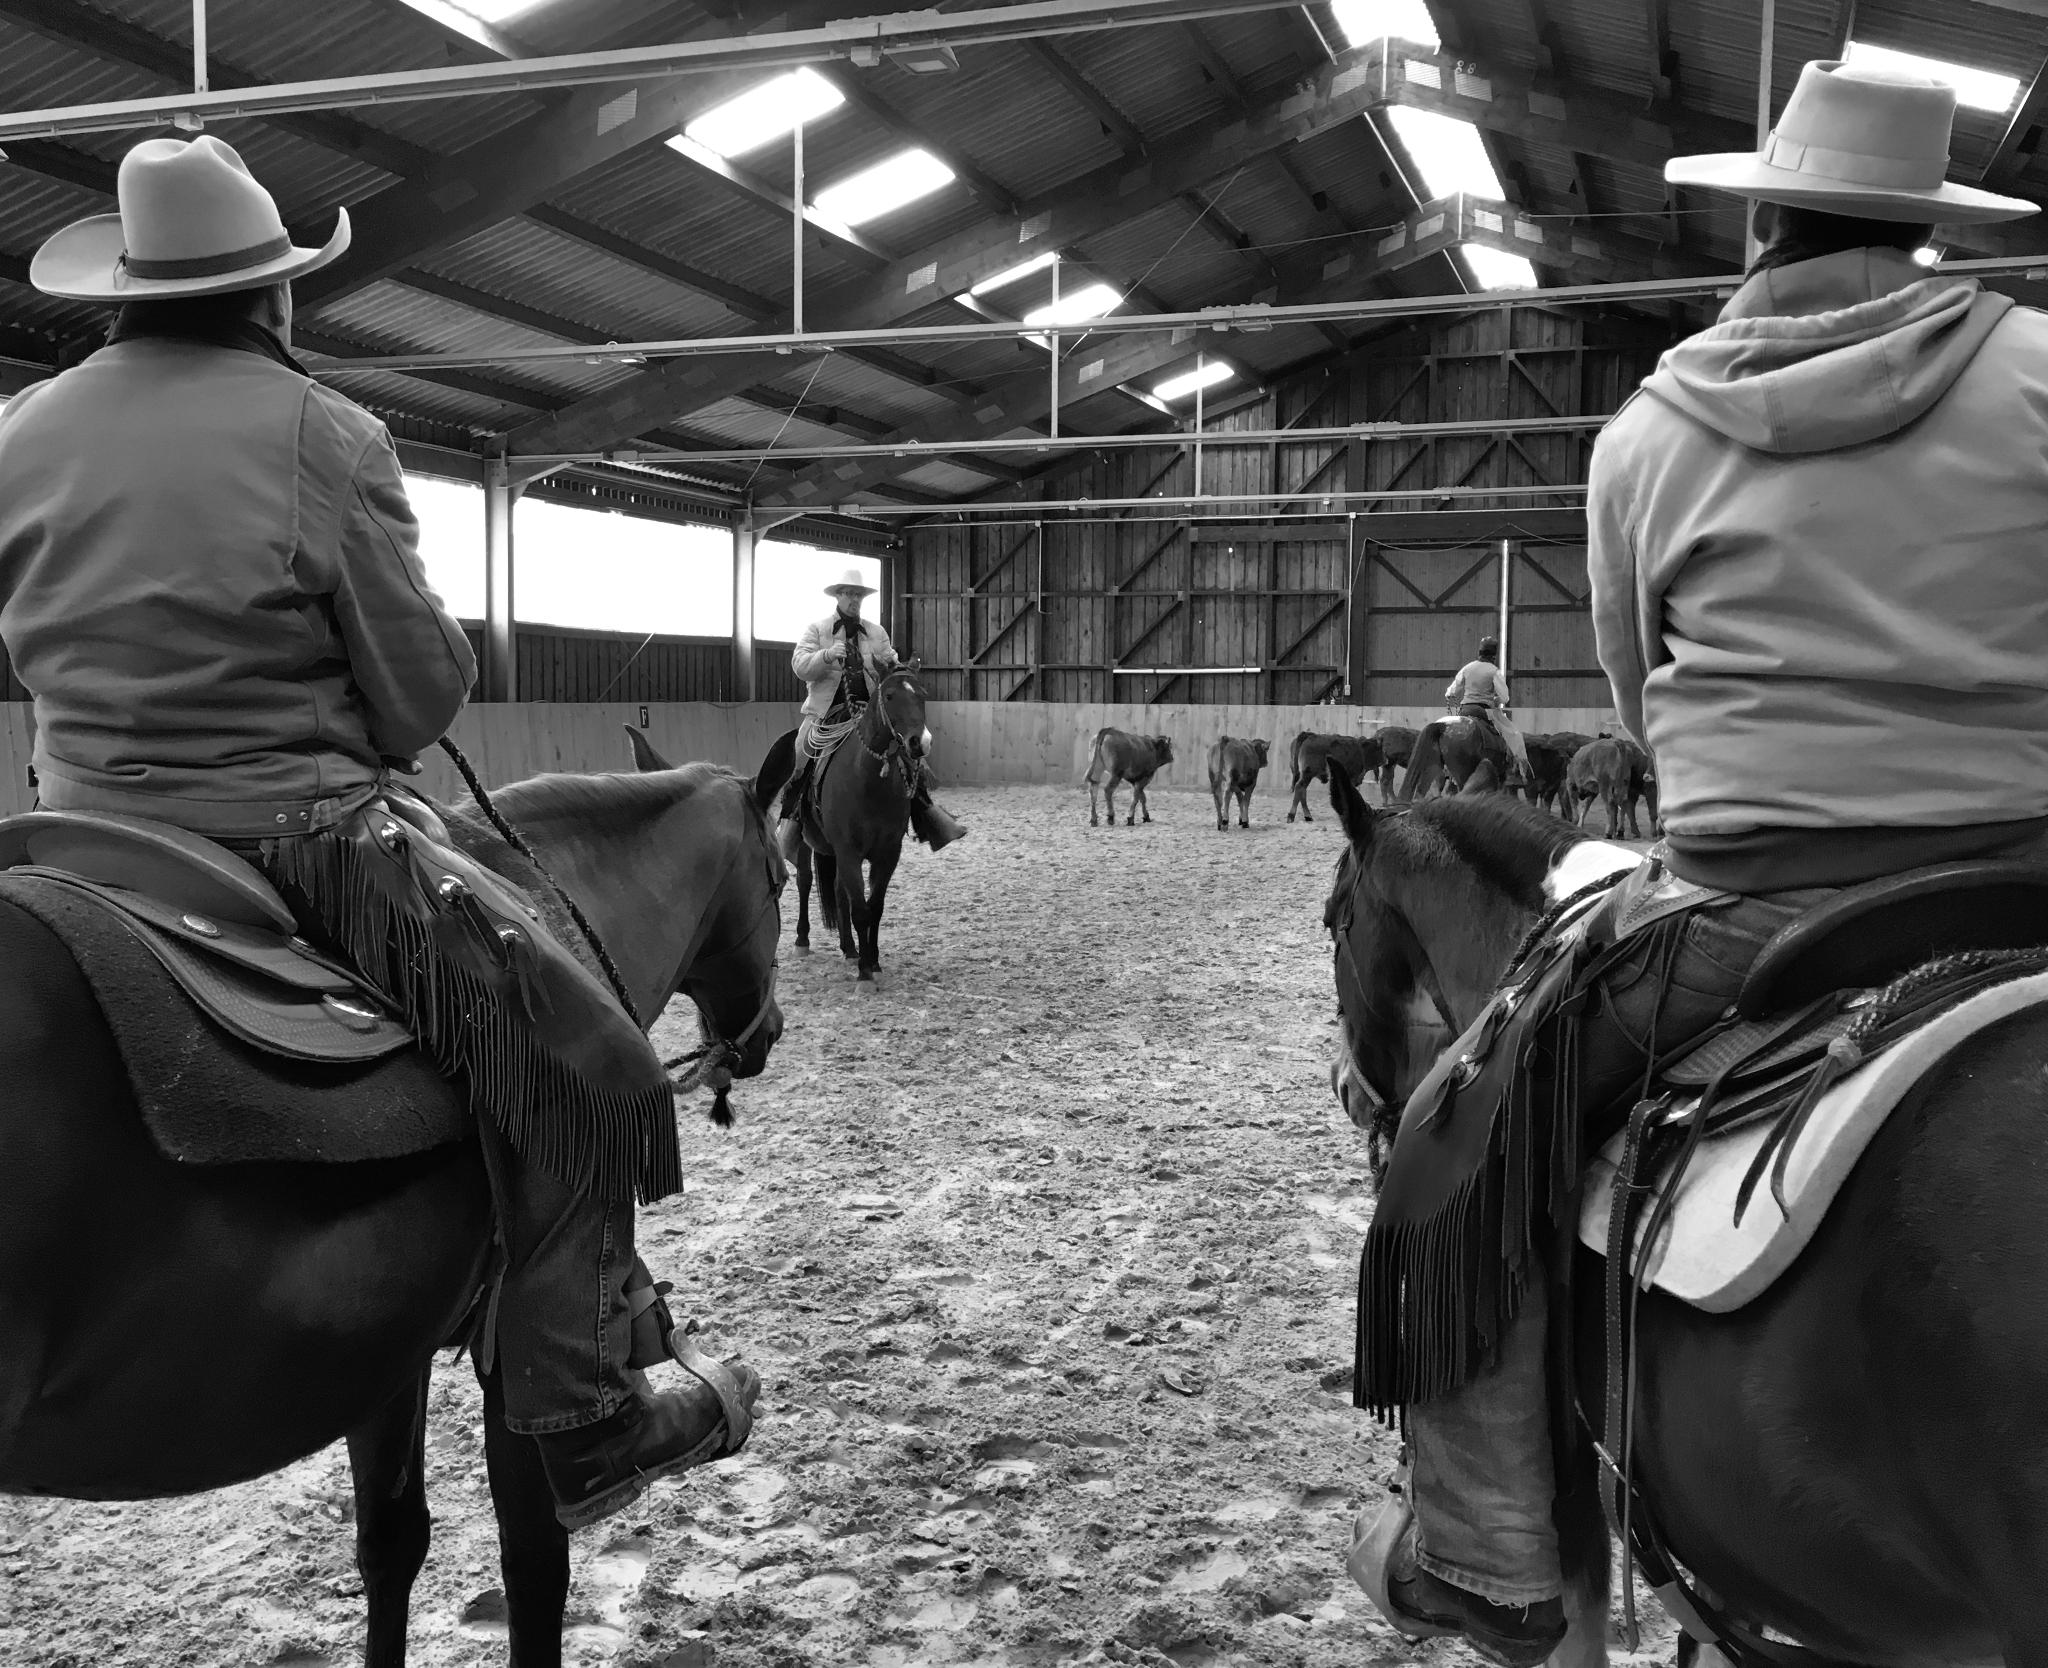 (C) JBK, Geisbach Ranch, Eifel 2016